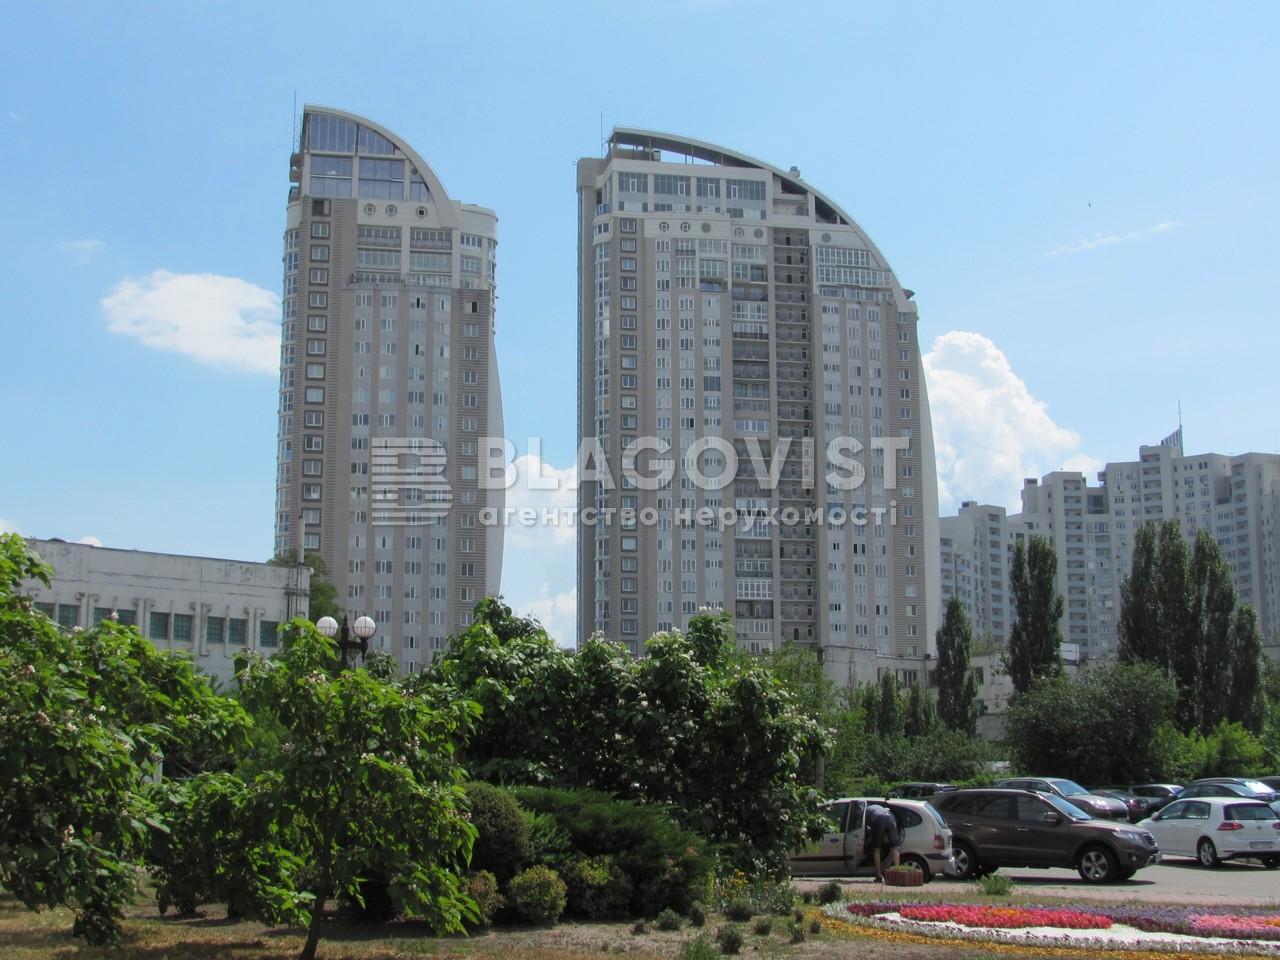 Нежилое помещение, Оболонская набережная, Киев, Z-497569 - Фото 1